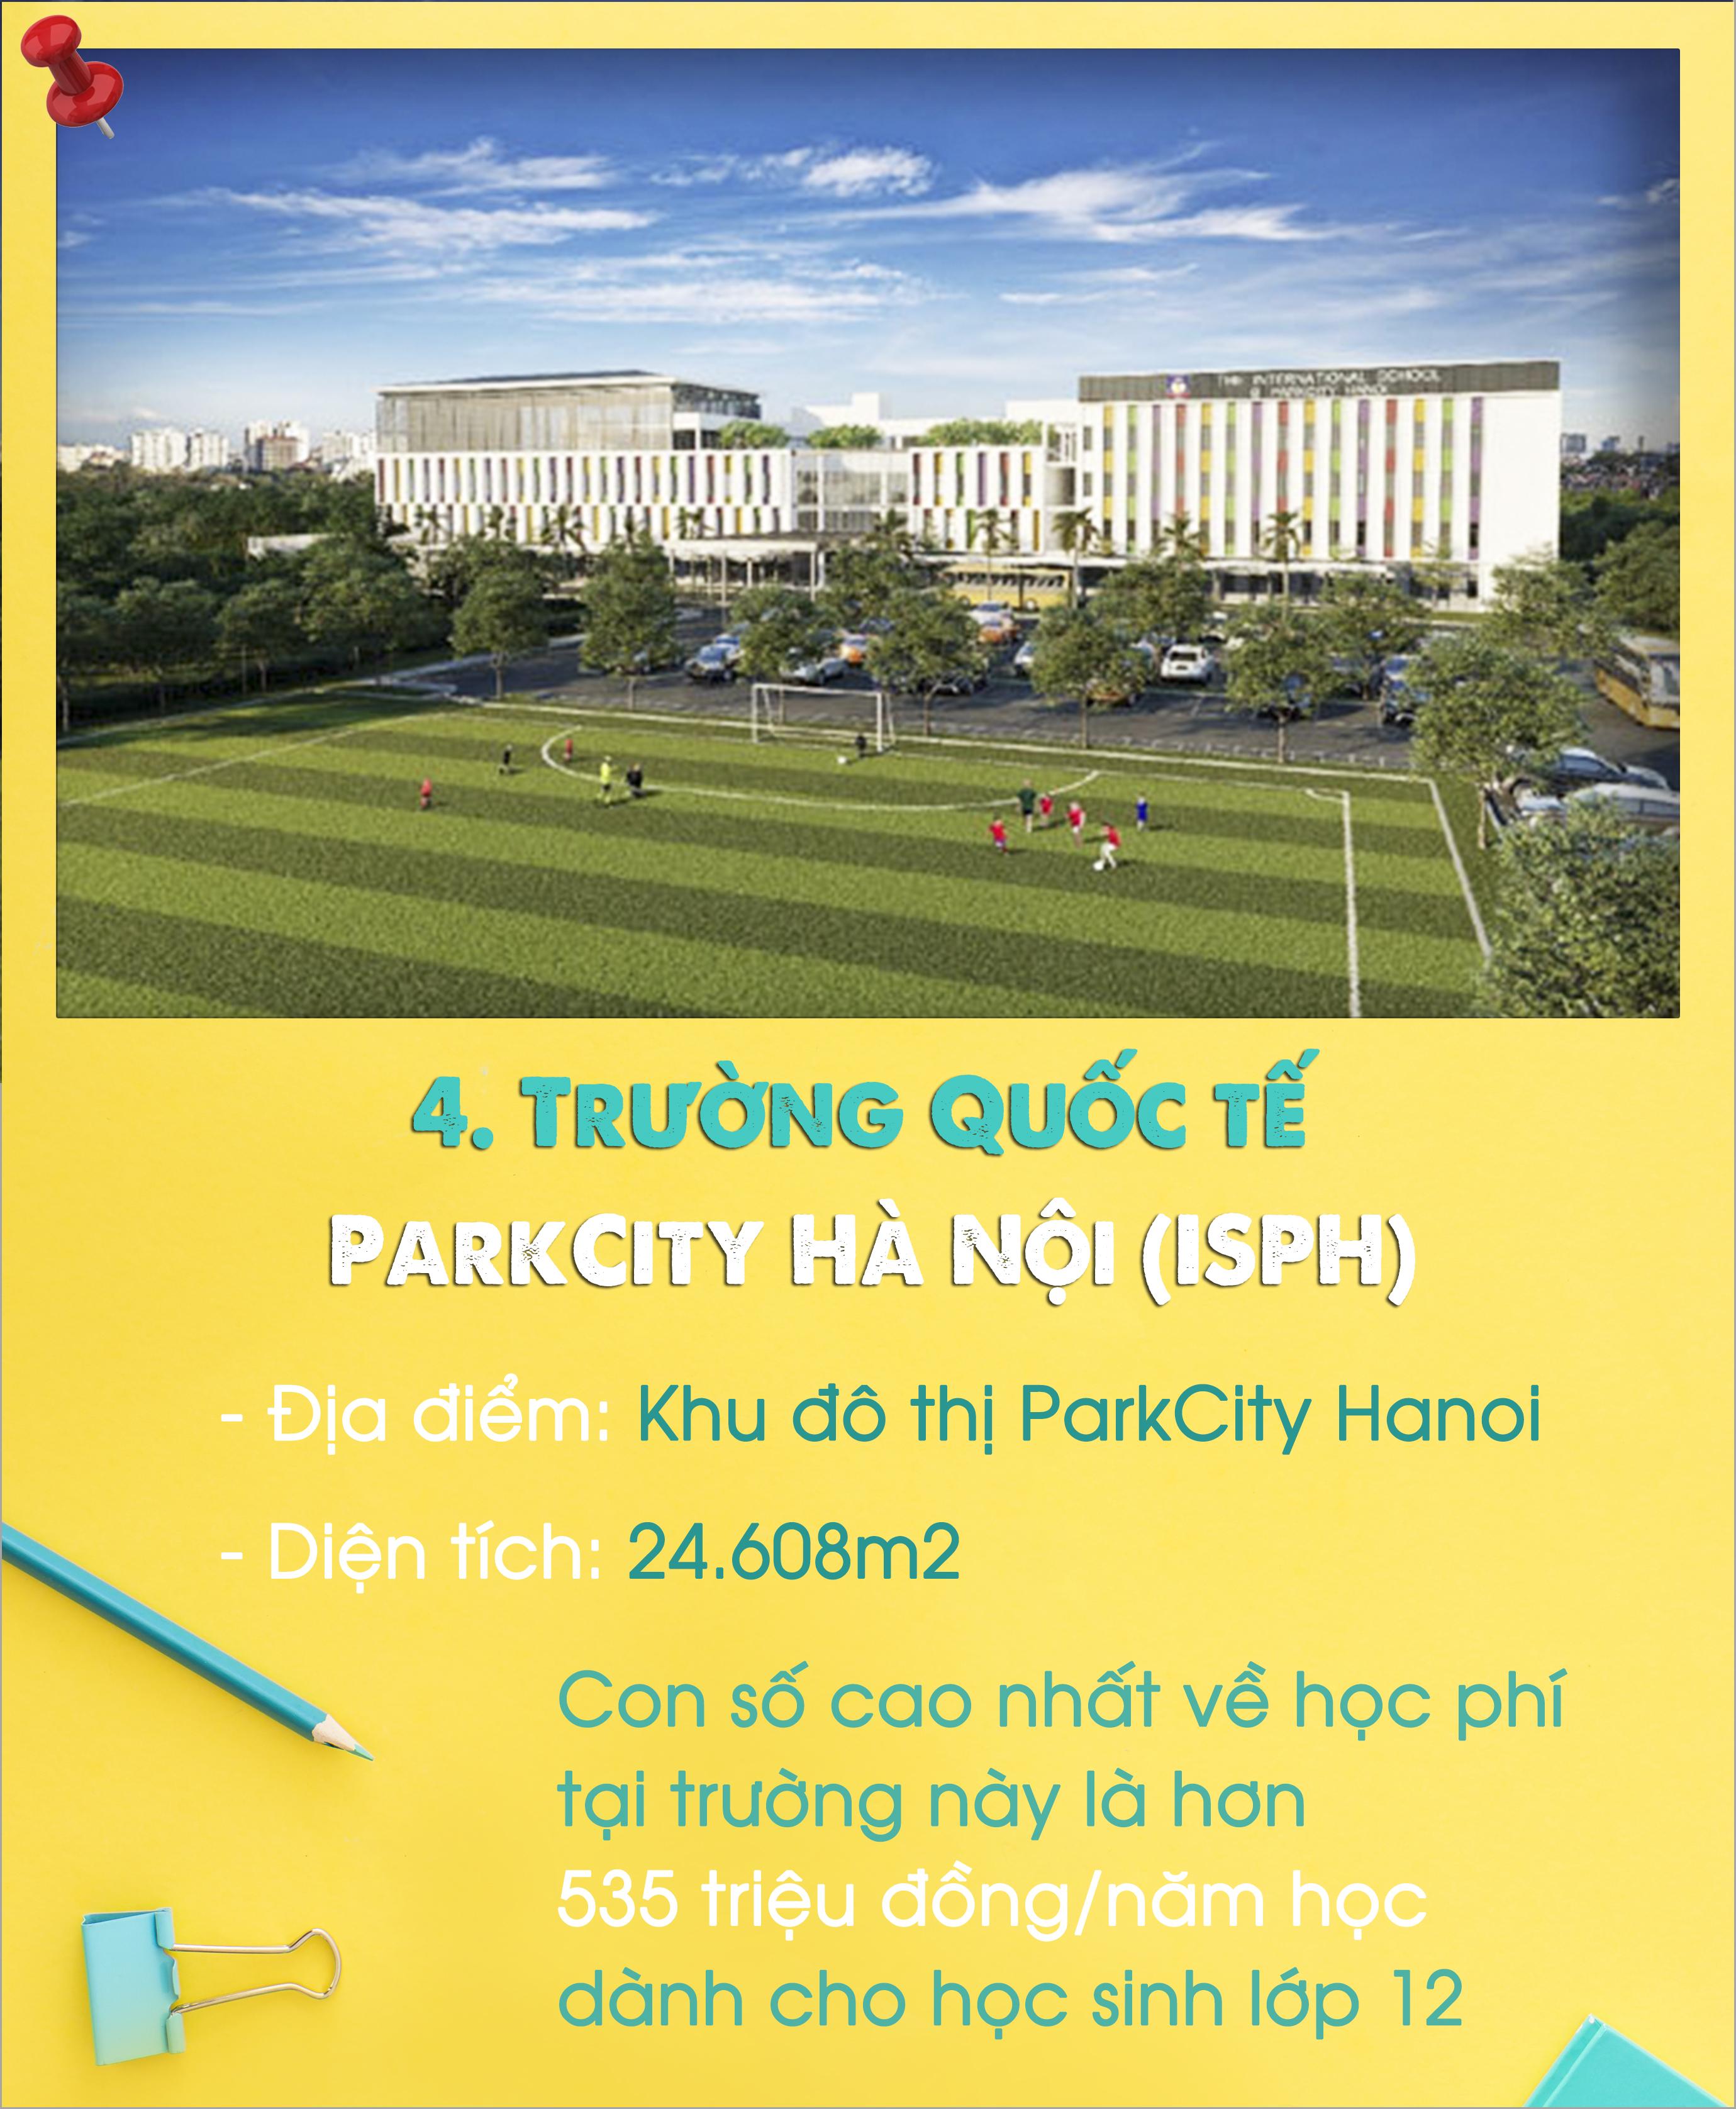 [E] Cho con học trường Quốc tế ở Hà Nội: Học phí 8 tỷ đồng - Ảnh 12